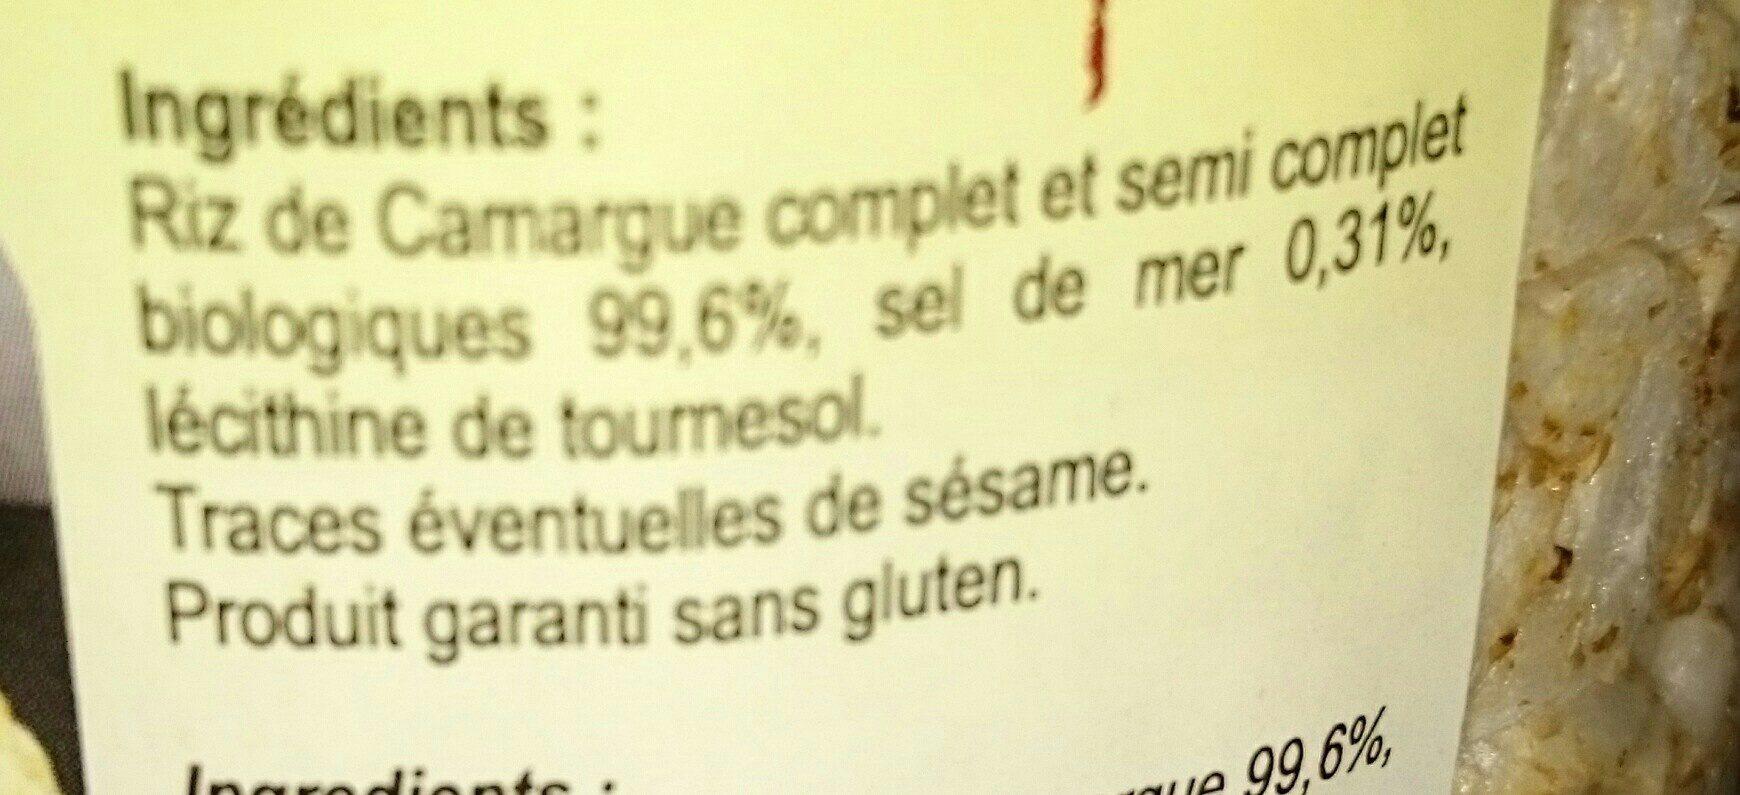 Galettes de riz complet - Ingredients - fr